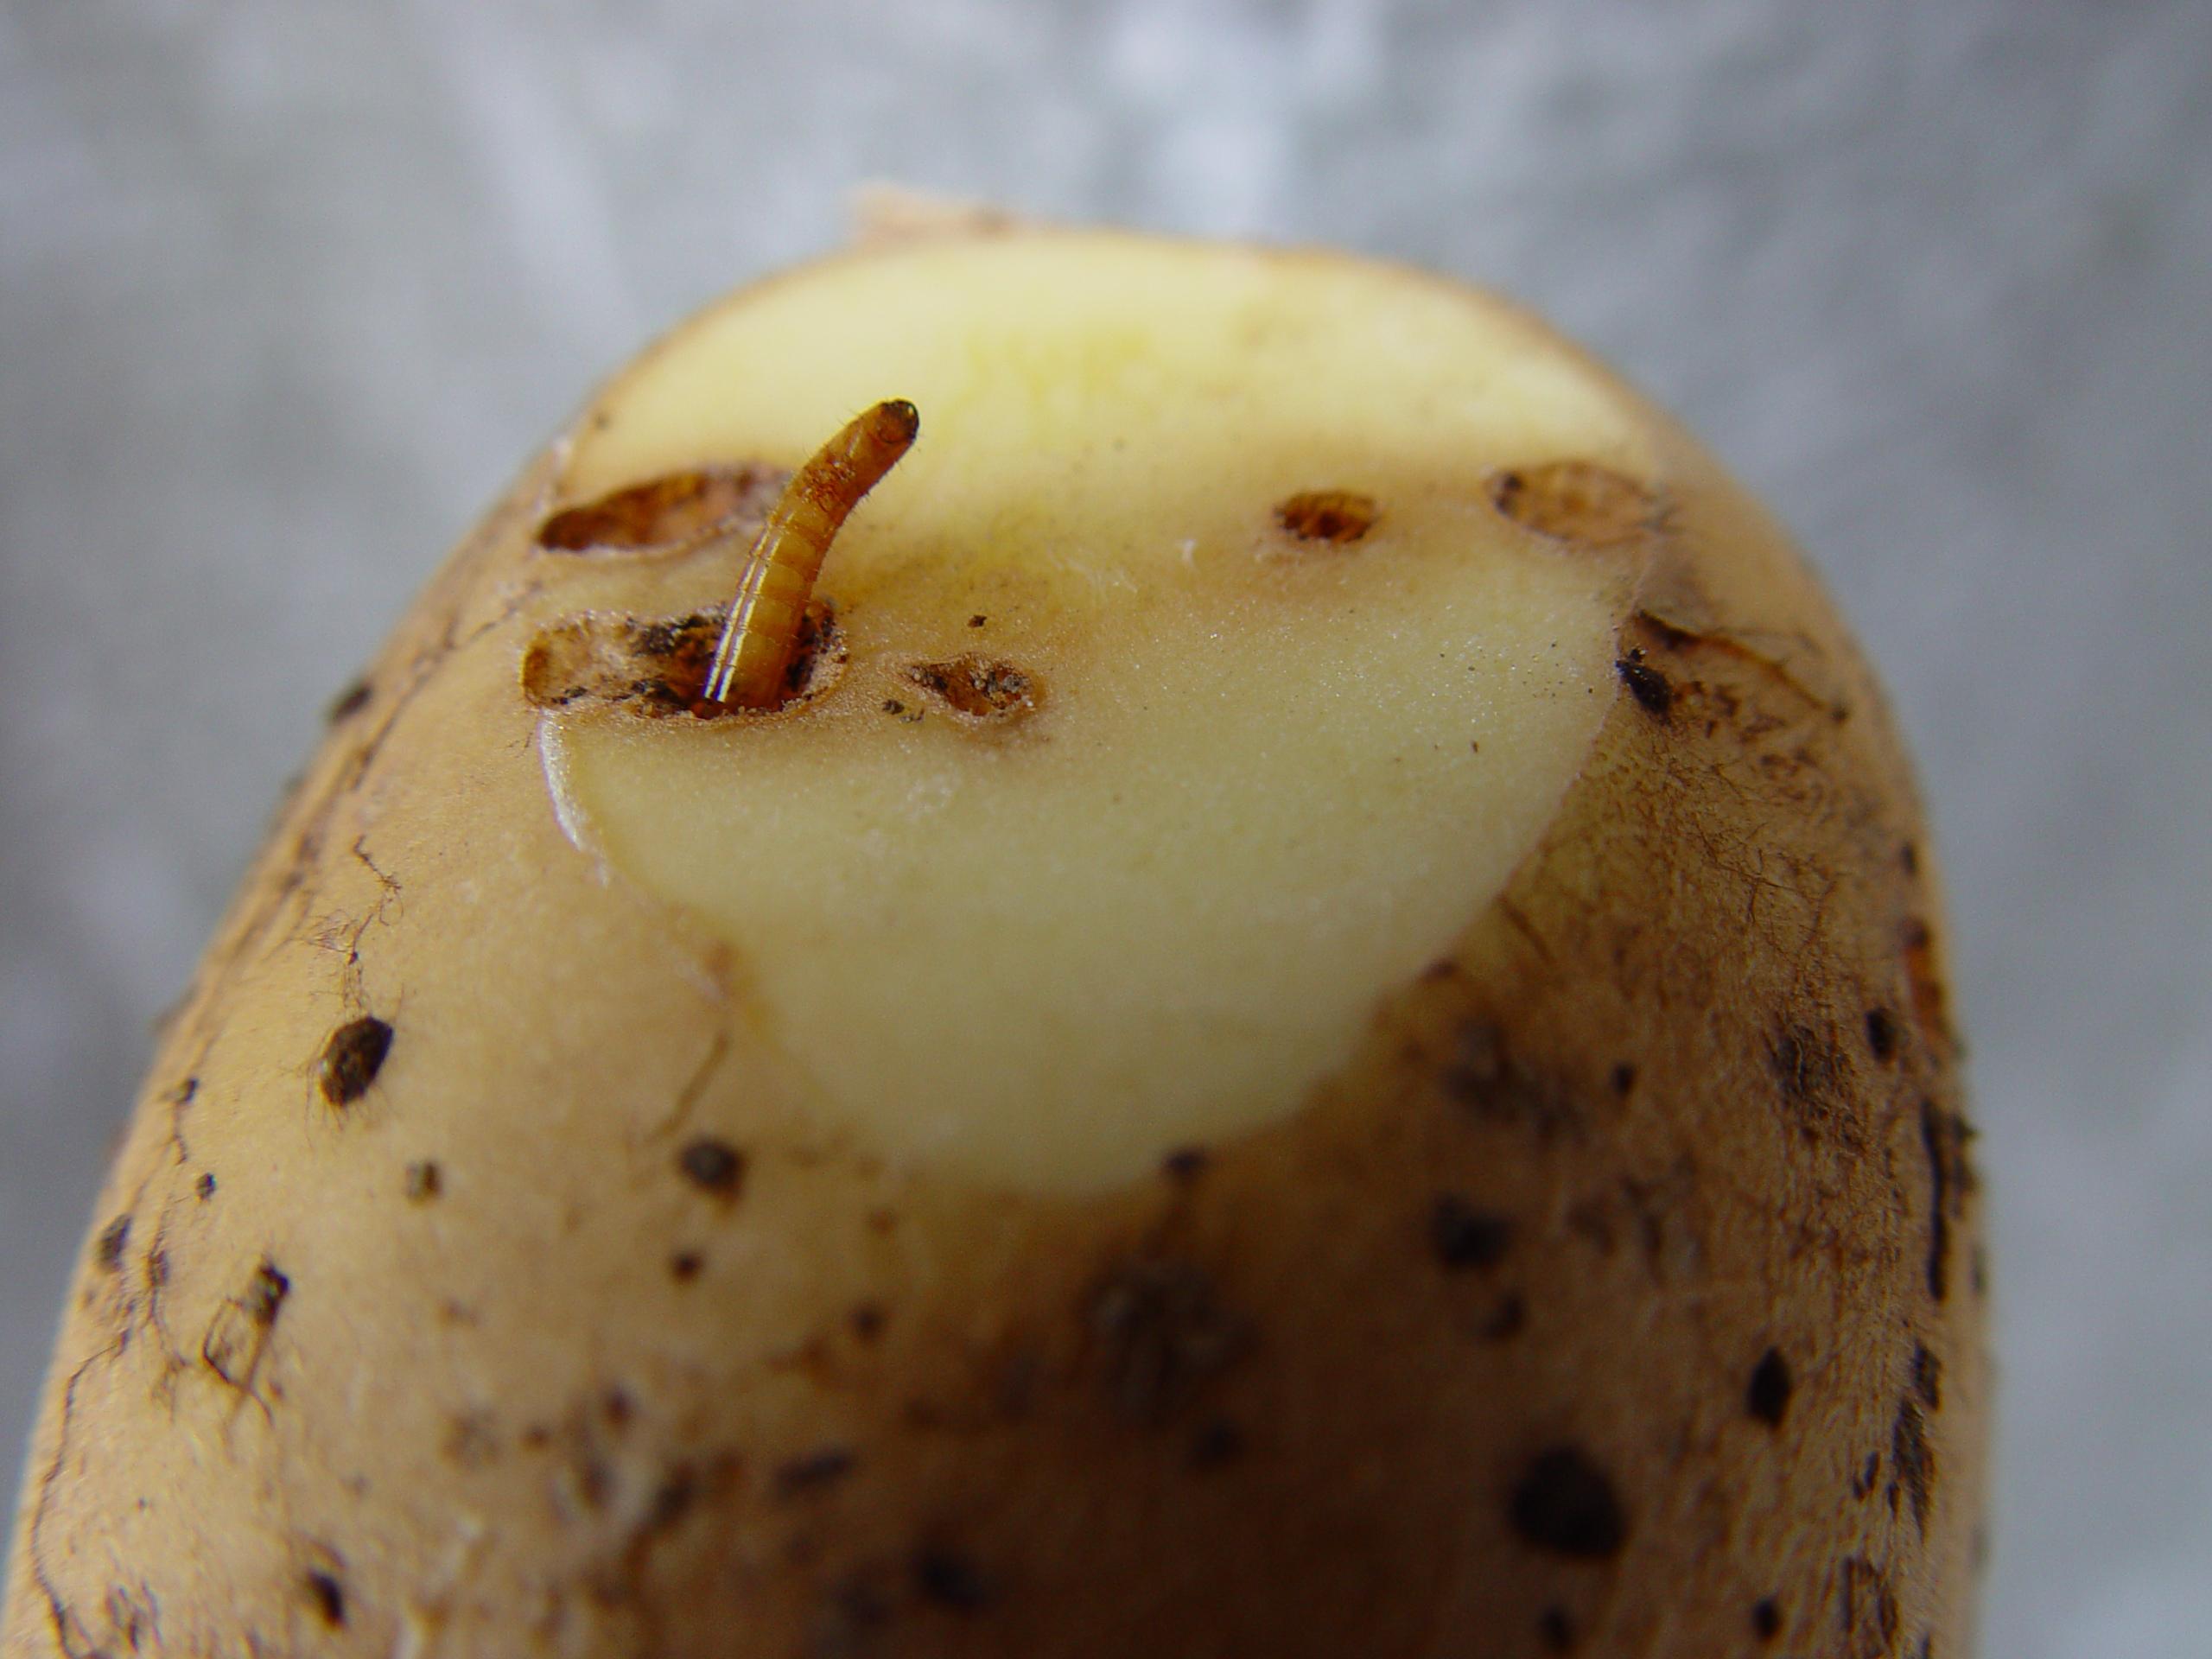 Ein Drahtwurm schaut zu einer Kartoffelknolle heraus. Dies ist ein qualitatives Problem. Die Kartoffeln können so nicht mehr verkauft werden.